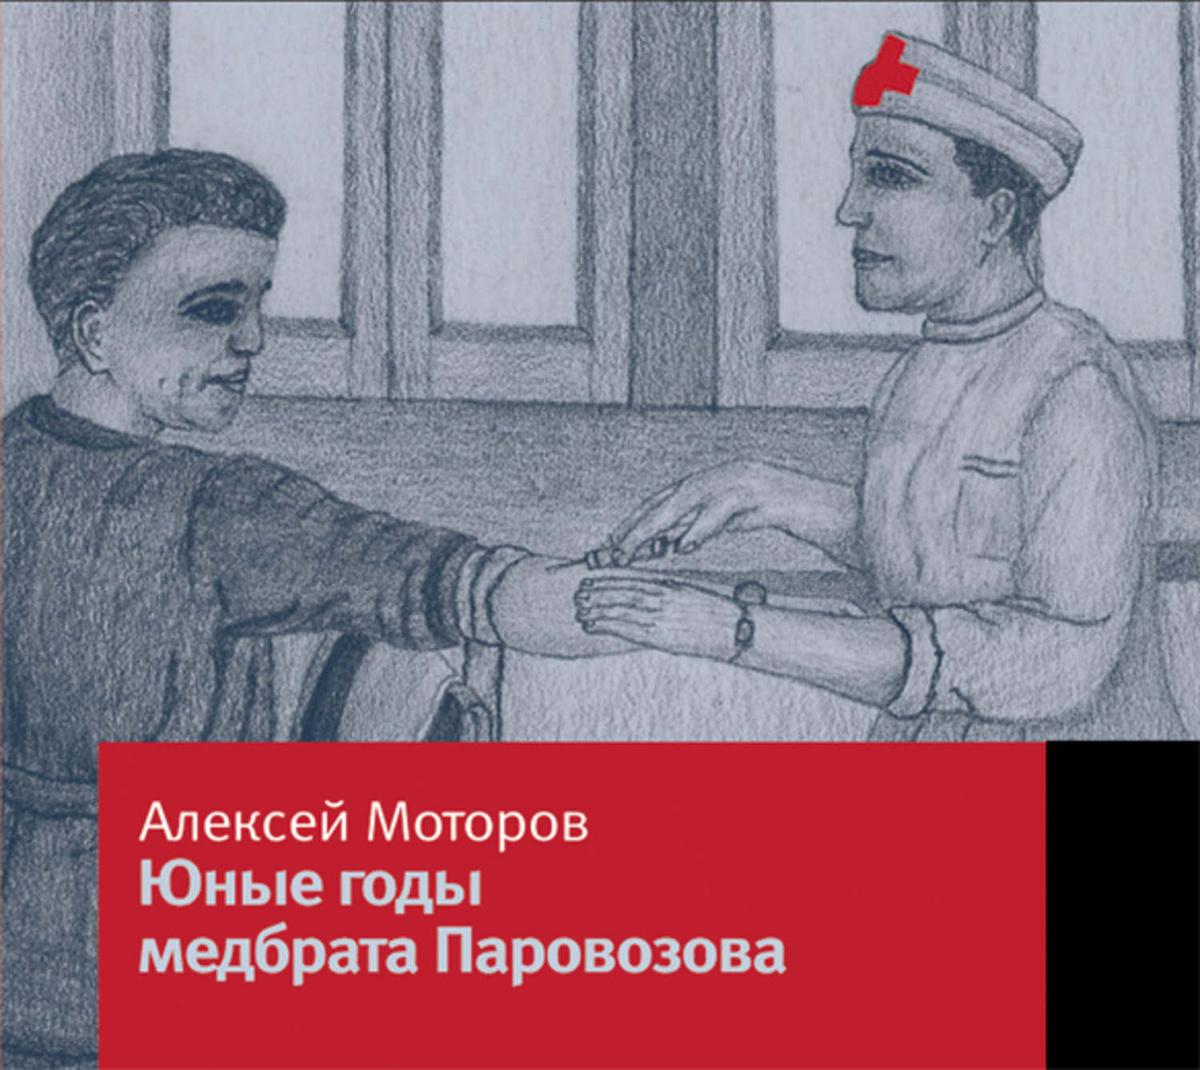 Юные годы медбрата Паровозова | Моторов Алексей Маркович  #1